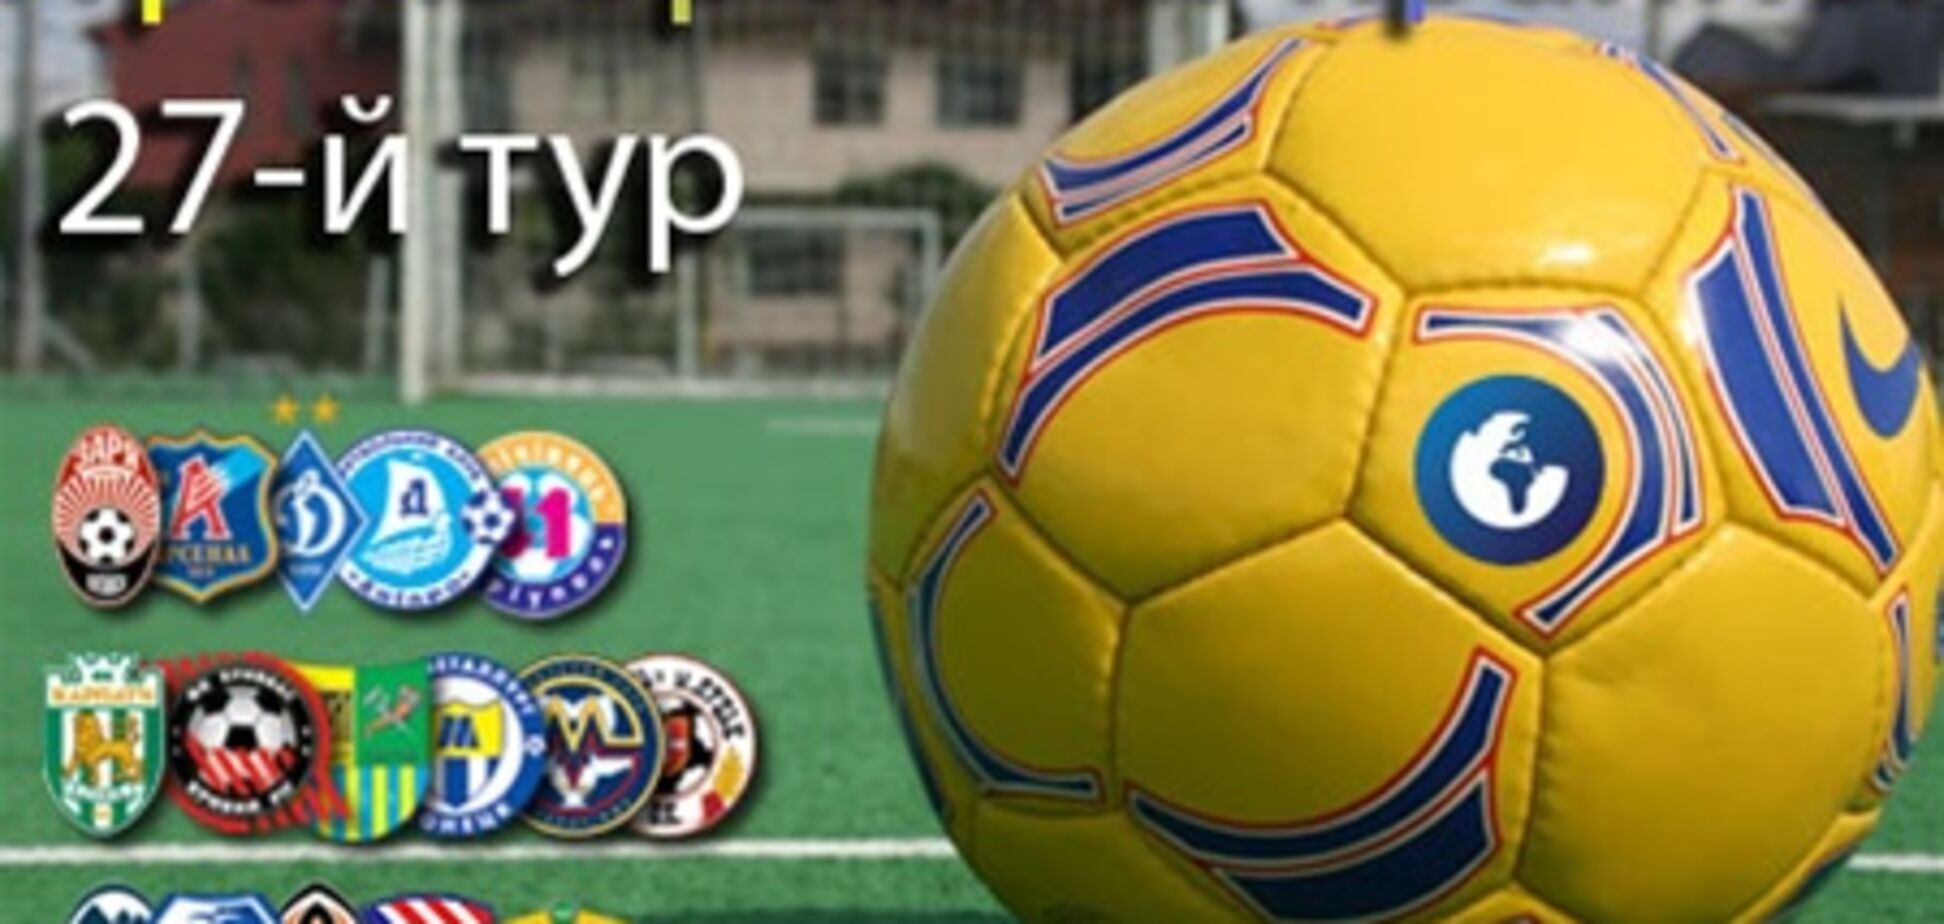 Премьер-лига Украины. Превью 27-го тура